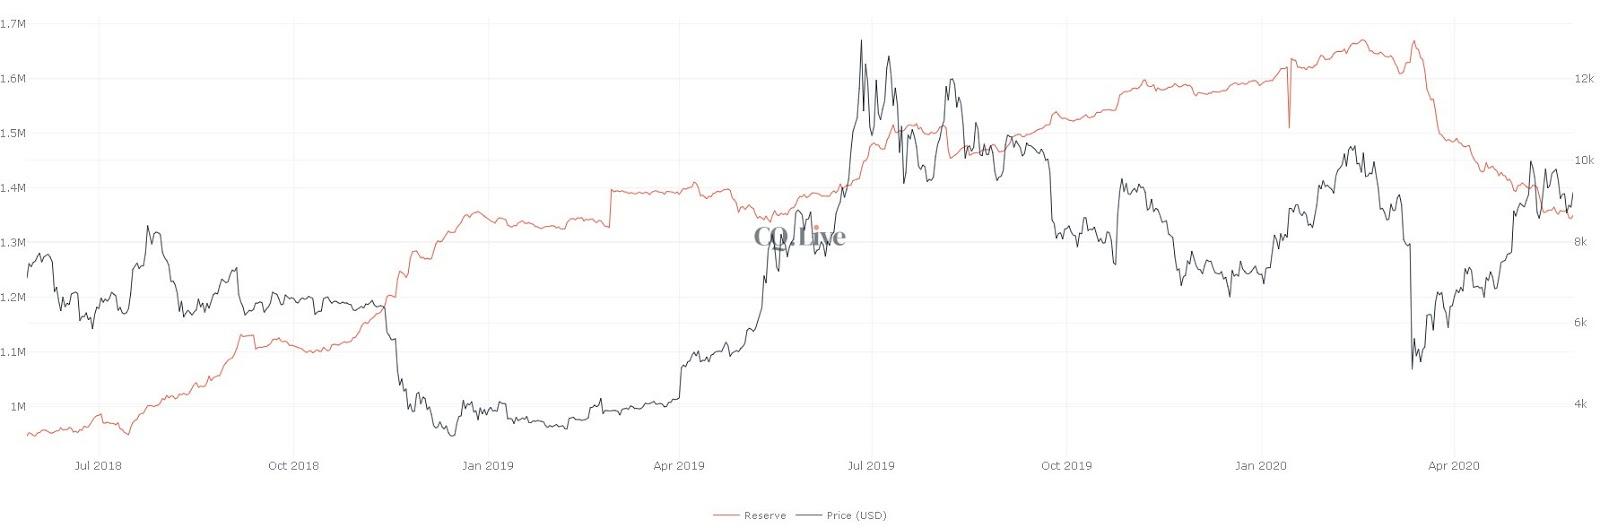 تحلیل قیمت بیت کوین 8 خرداد ، کاهش ذخایر صرافیهای معتبر دنیا , تحلیل قیمت بیت کوین 8 خرداد